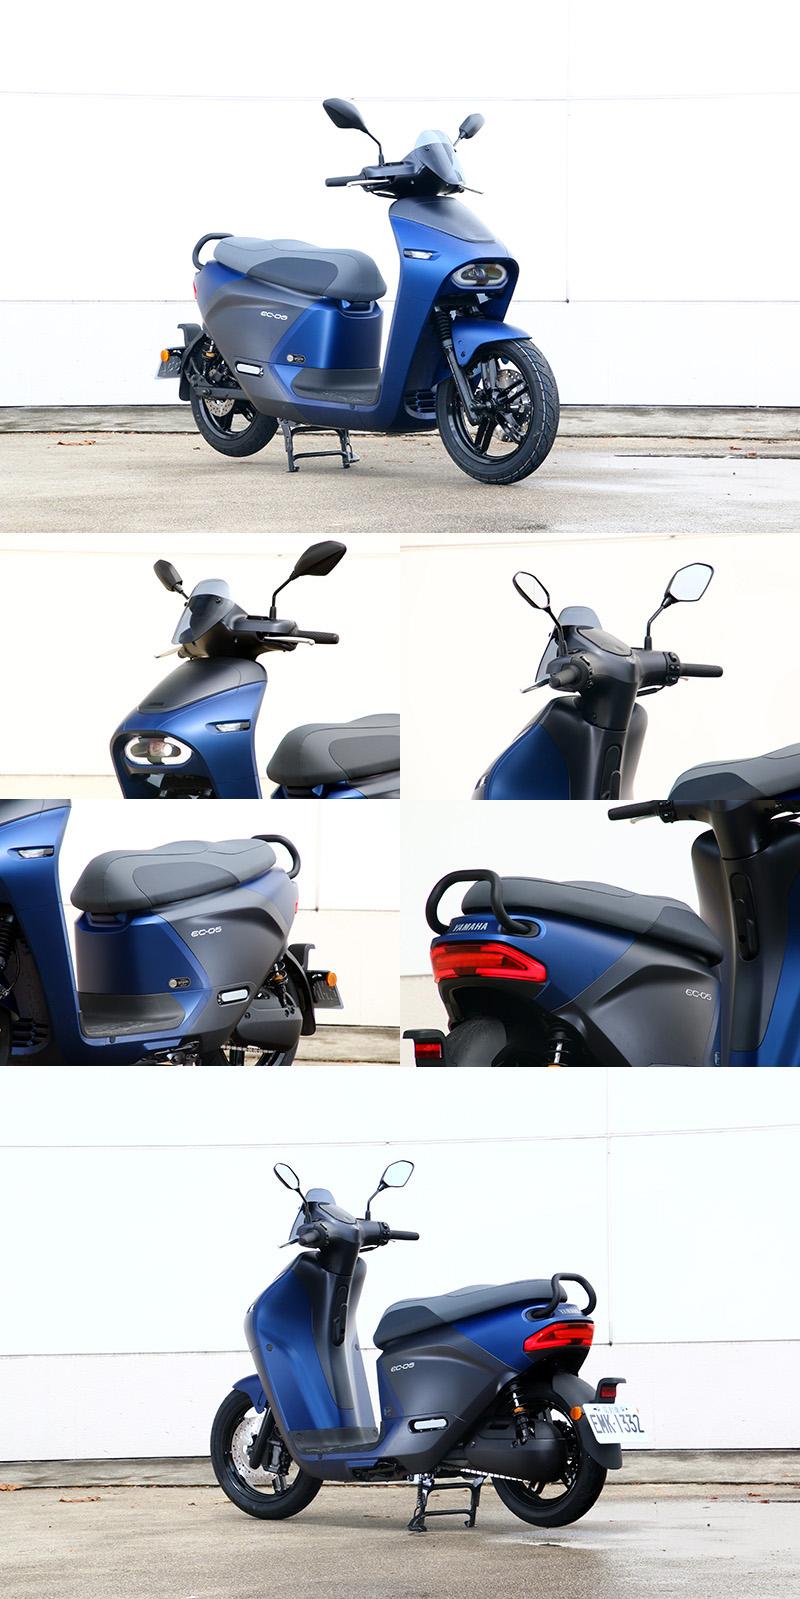 EC-05在整體設計展現Yamaha一貫的成熟手法,細緻度較S2更佳。